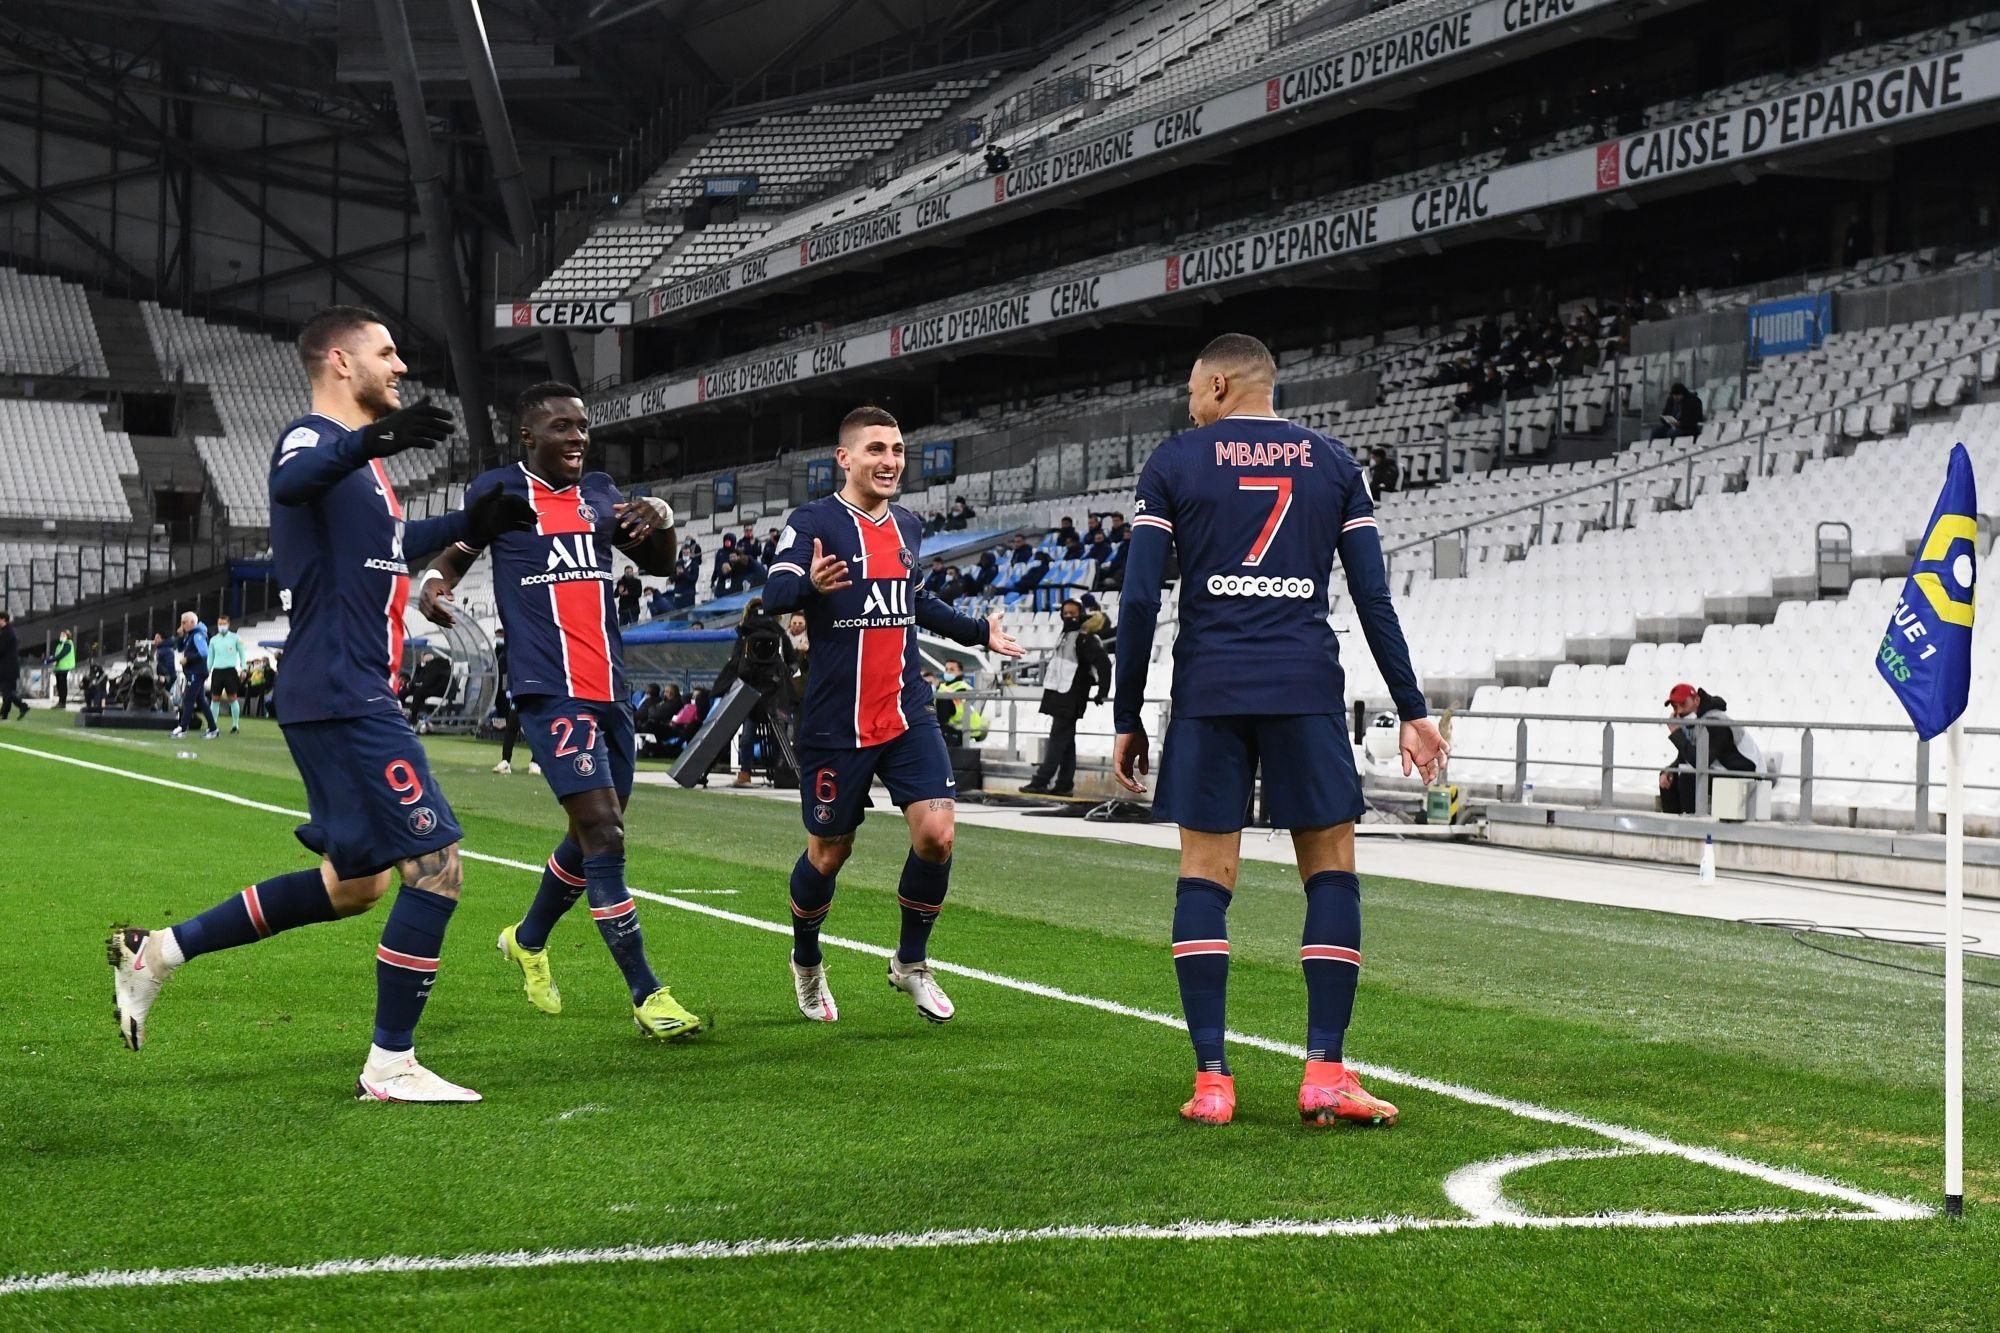 Résumé OM/PSG (0-2) - La vidéo des buts et des temps forts du match